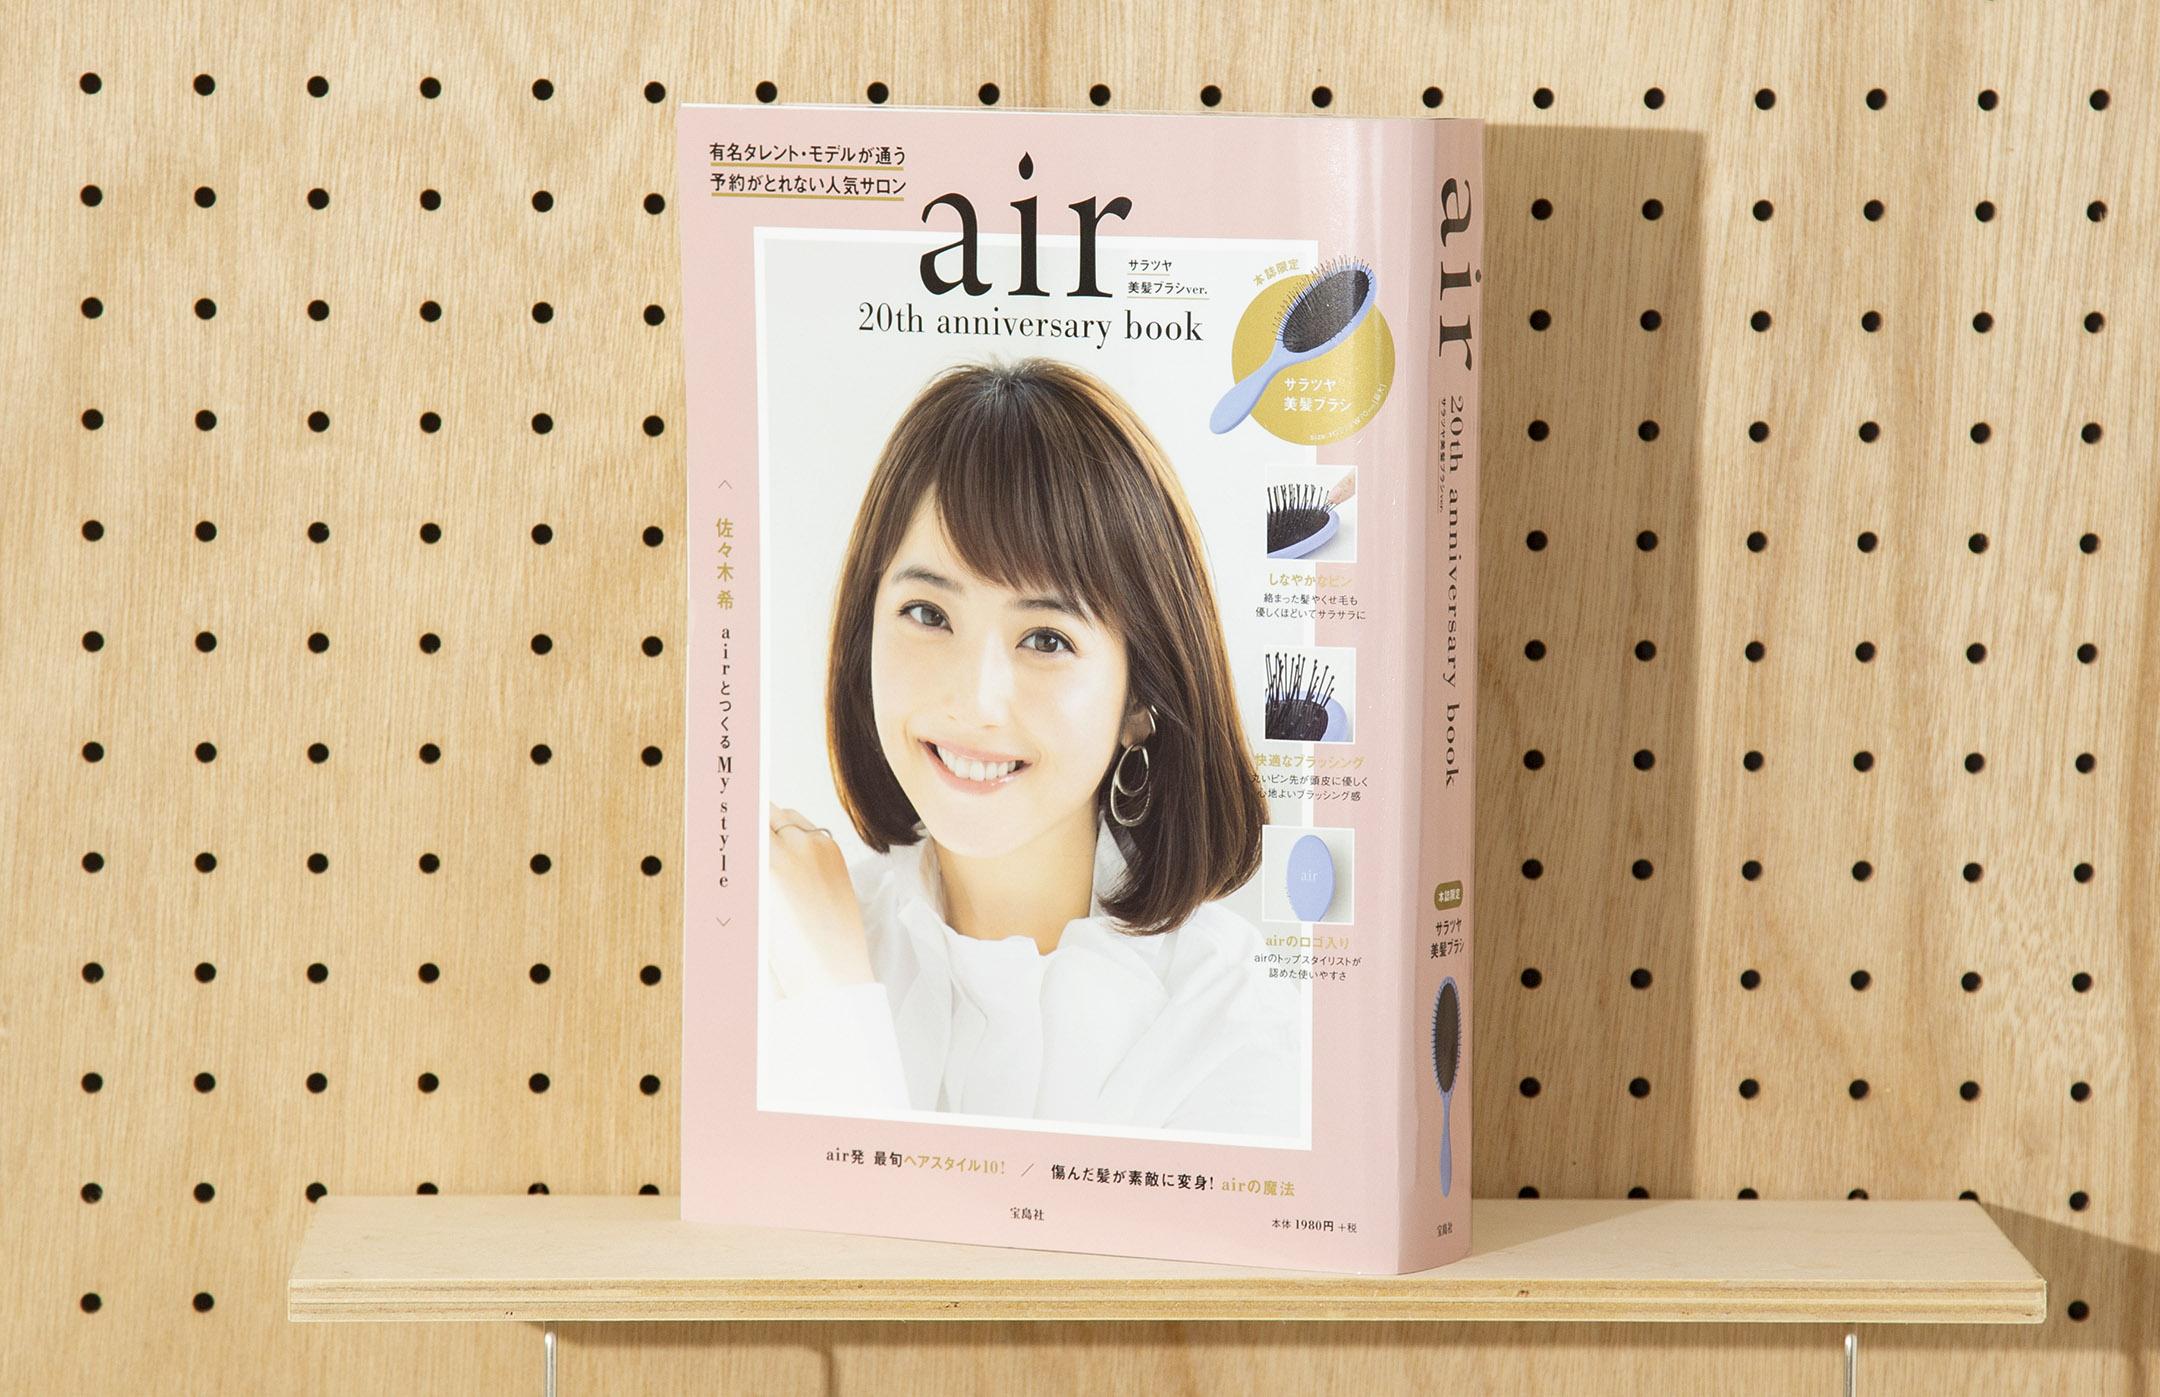 air 20th anniversary book